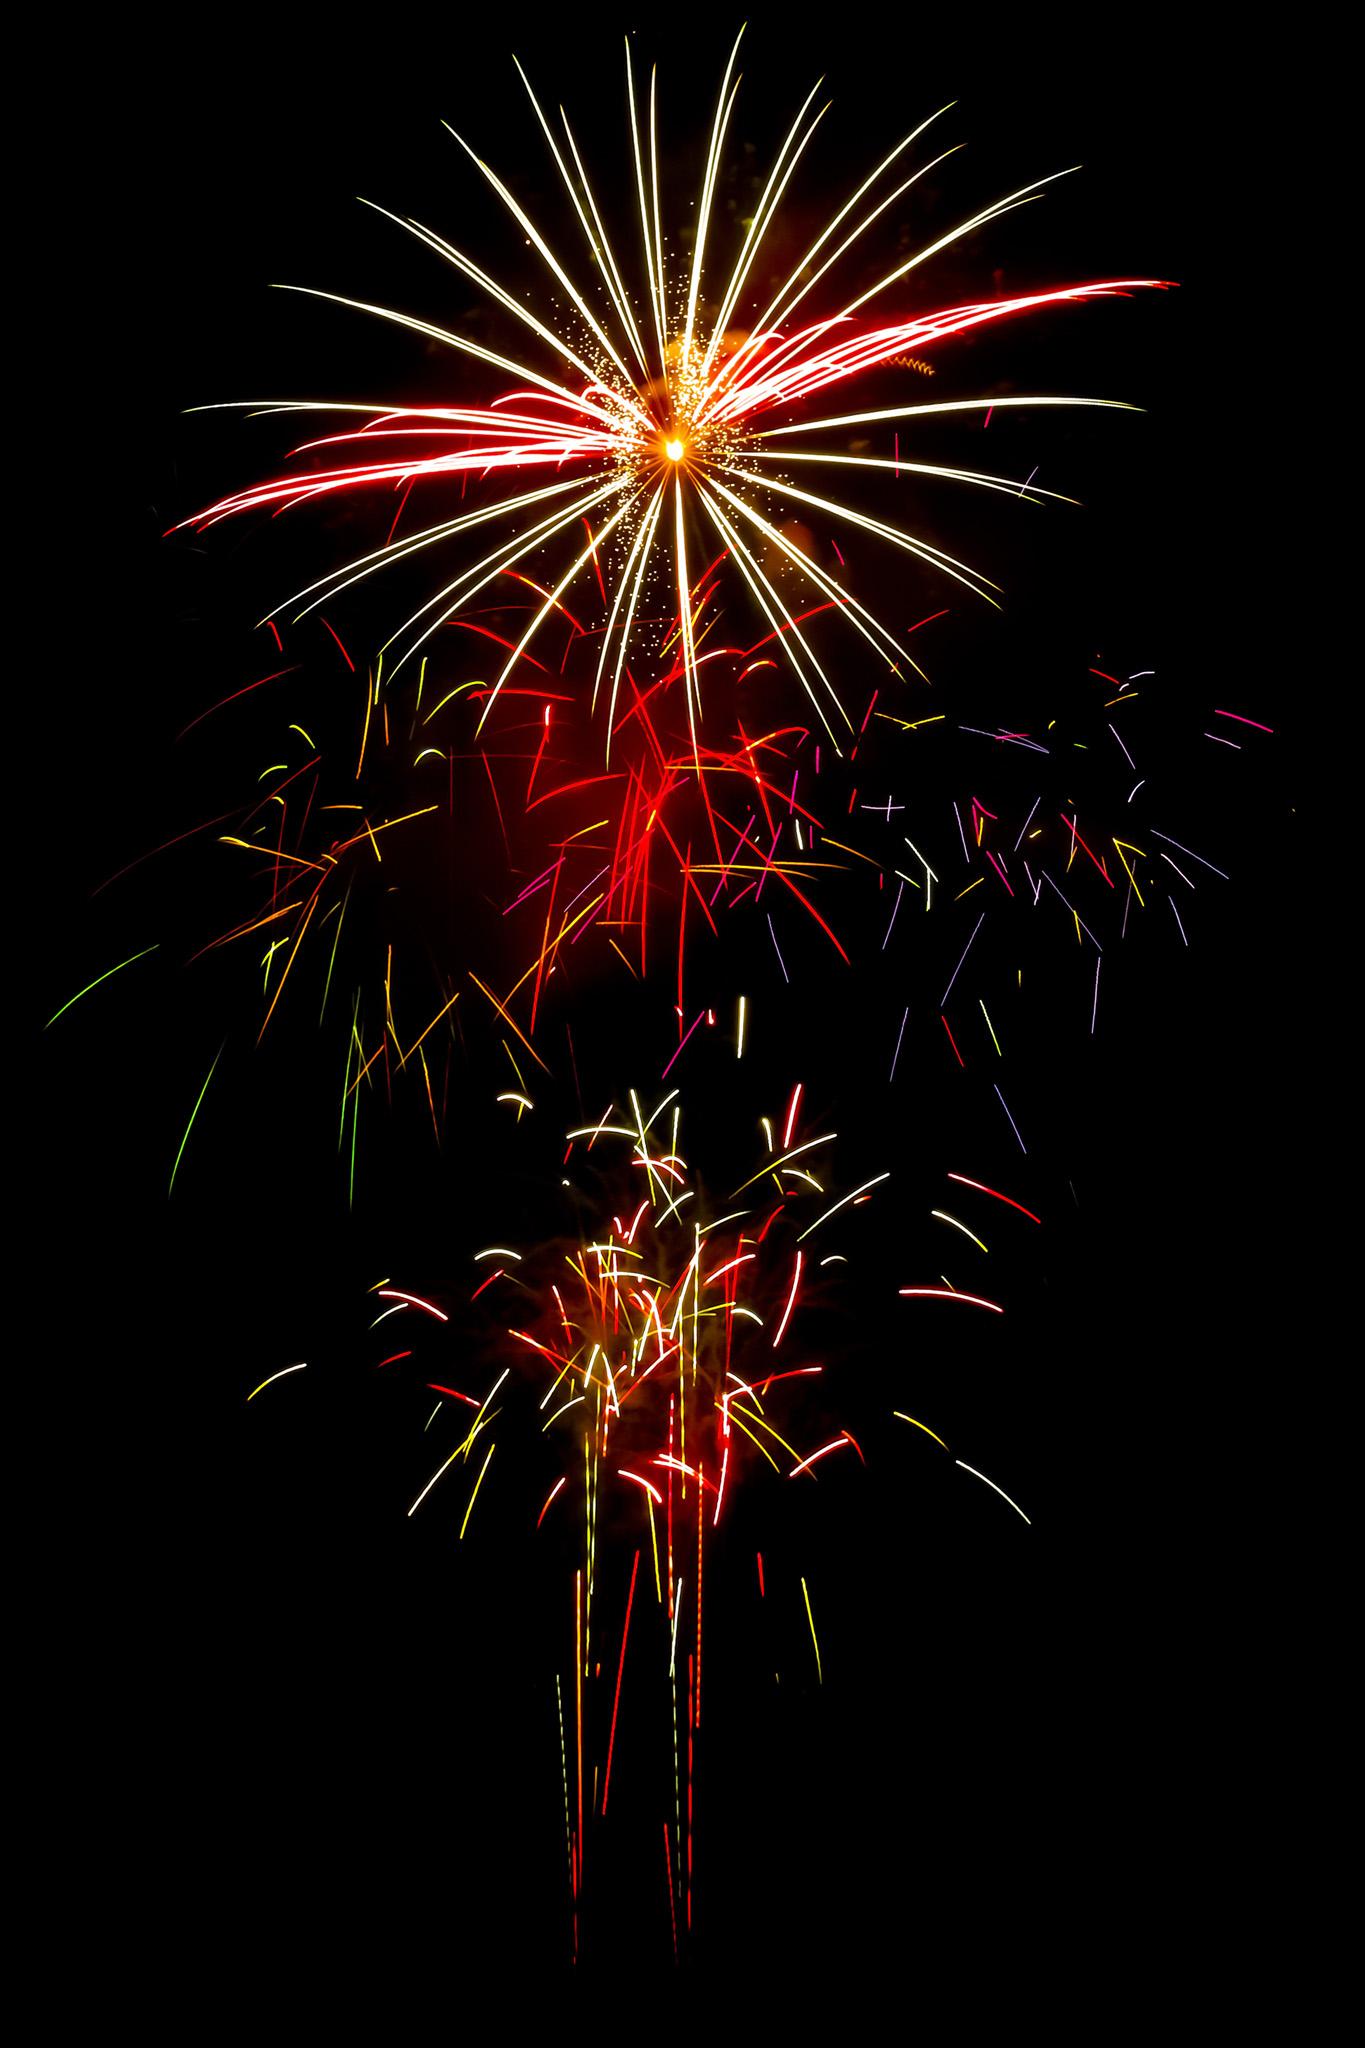 「様々な色の光が舞い散る花火大会」の画像を無料ダウンロード